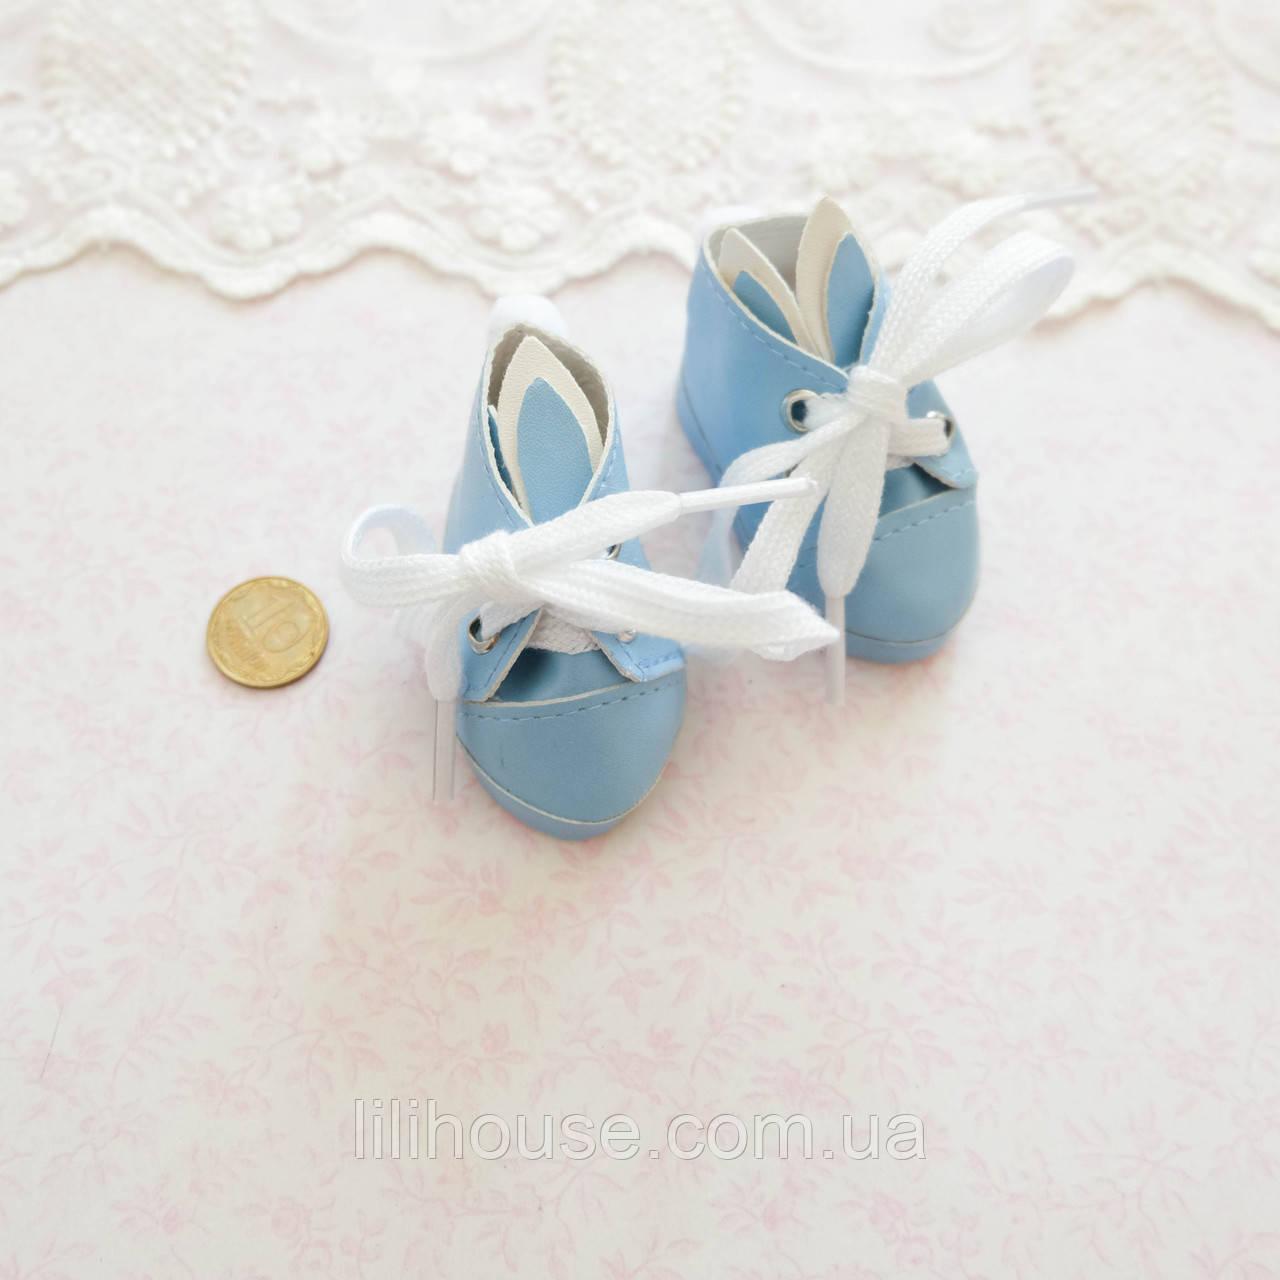 """Обувь для кукол Ботиночки на Шнуровке """"Зайчики"""" двойное ушко 5.3*2.8 см ГОЛУБЫЕ"""